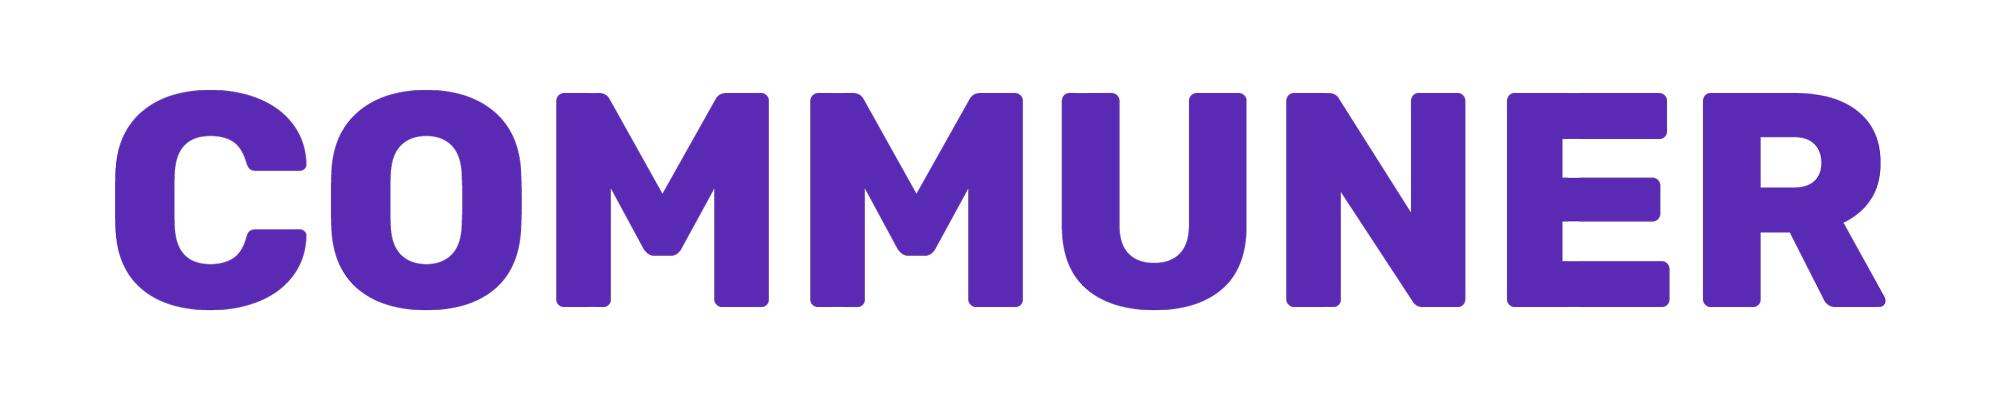 Communer logo